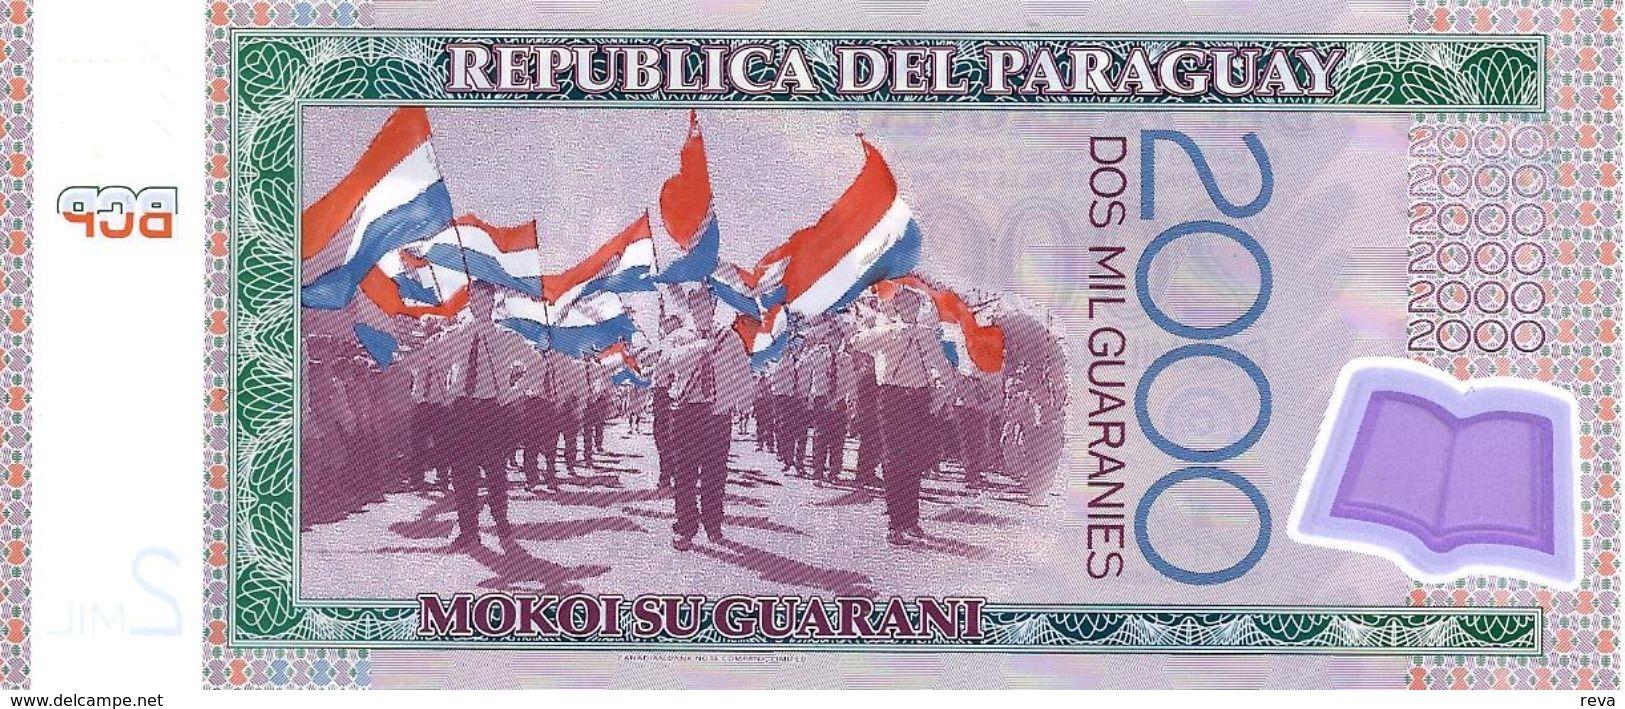 PARAGUAY 2000 GUARANIES PURPLE WOMAN FRONT PEOPLE BACK POLYMER ND(2009) P.? UNC READ DESCRIPTION - Paraguay